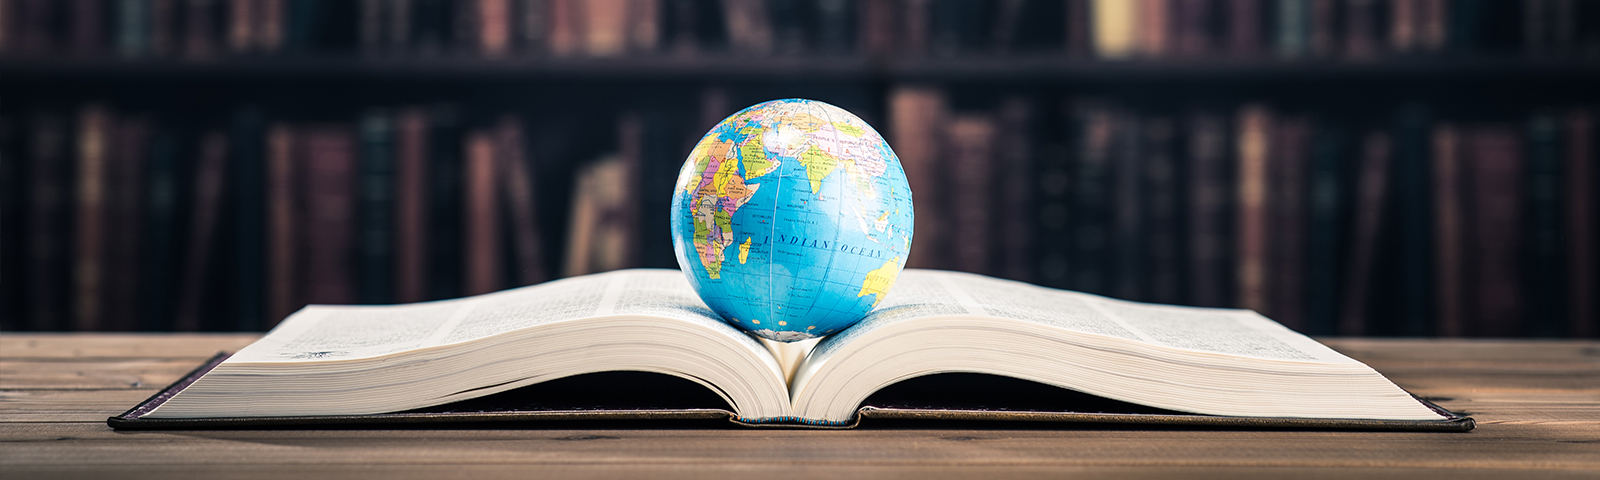 Сравнение образования в Европе и Китае